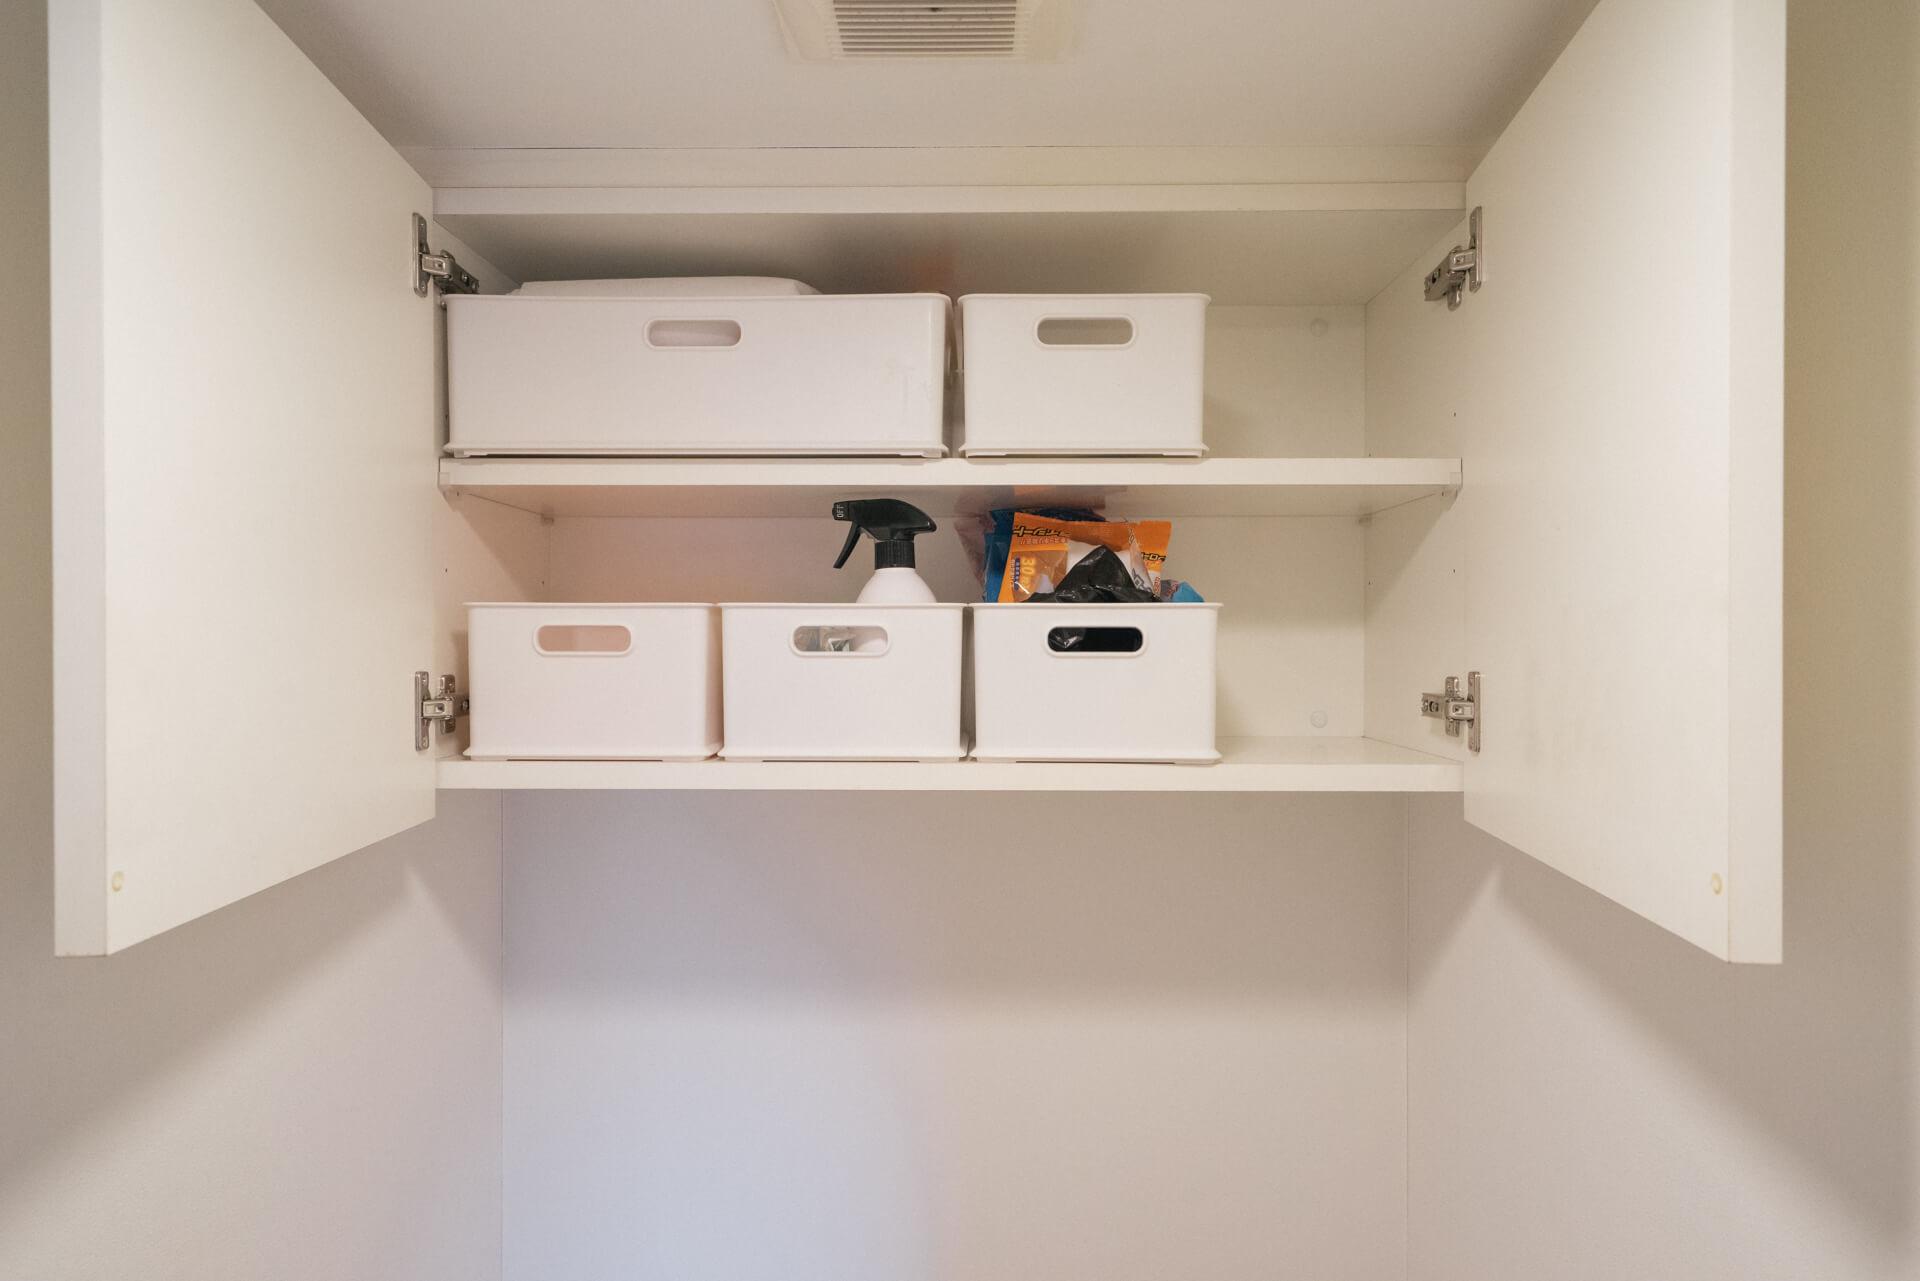 取っ手があって引き出しやすいので高い場所の収納にも便利。